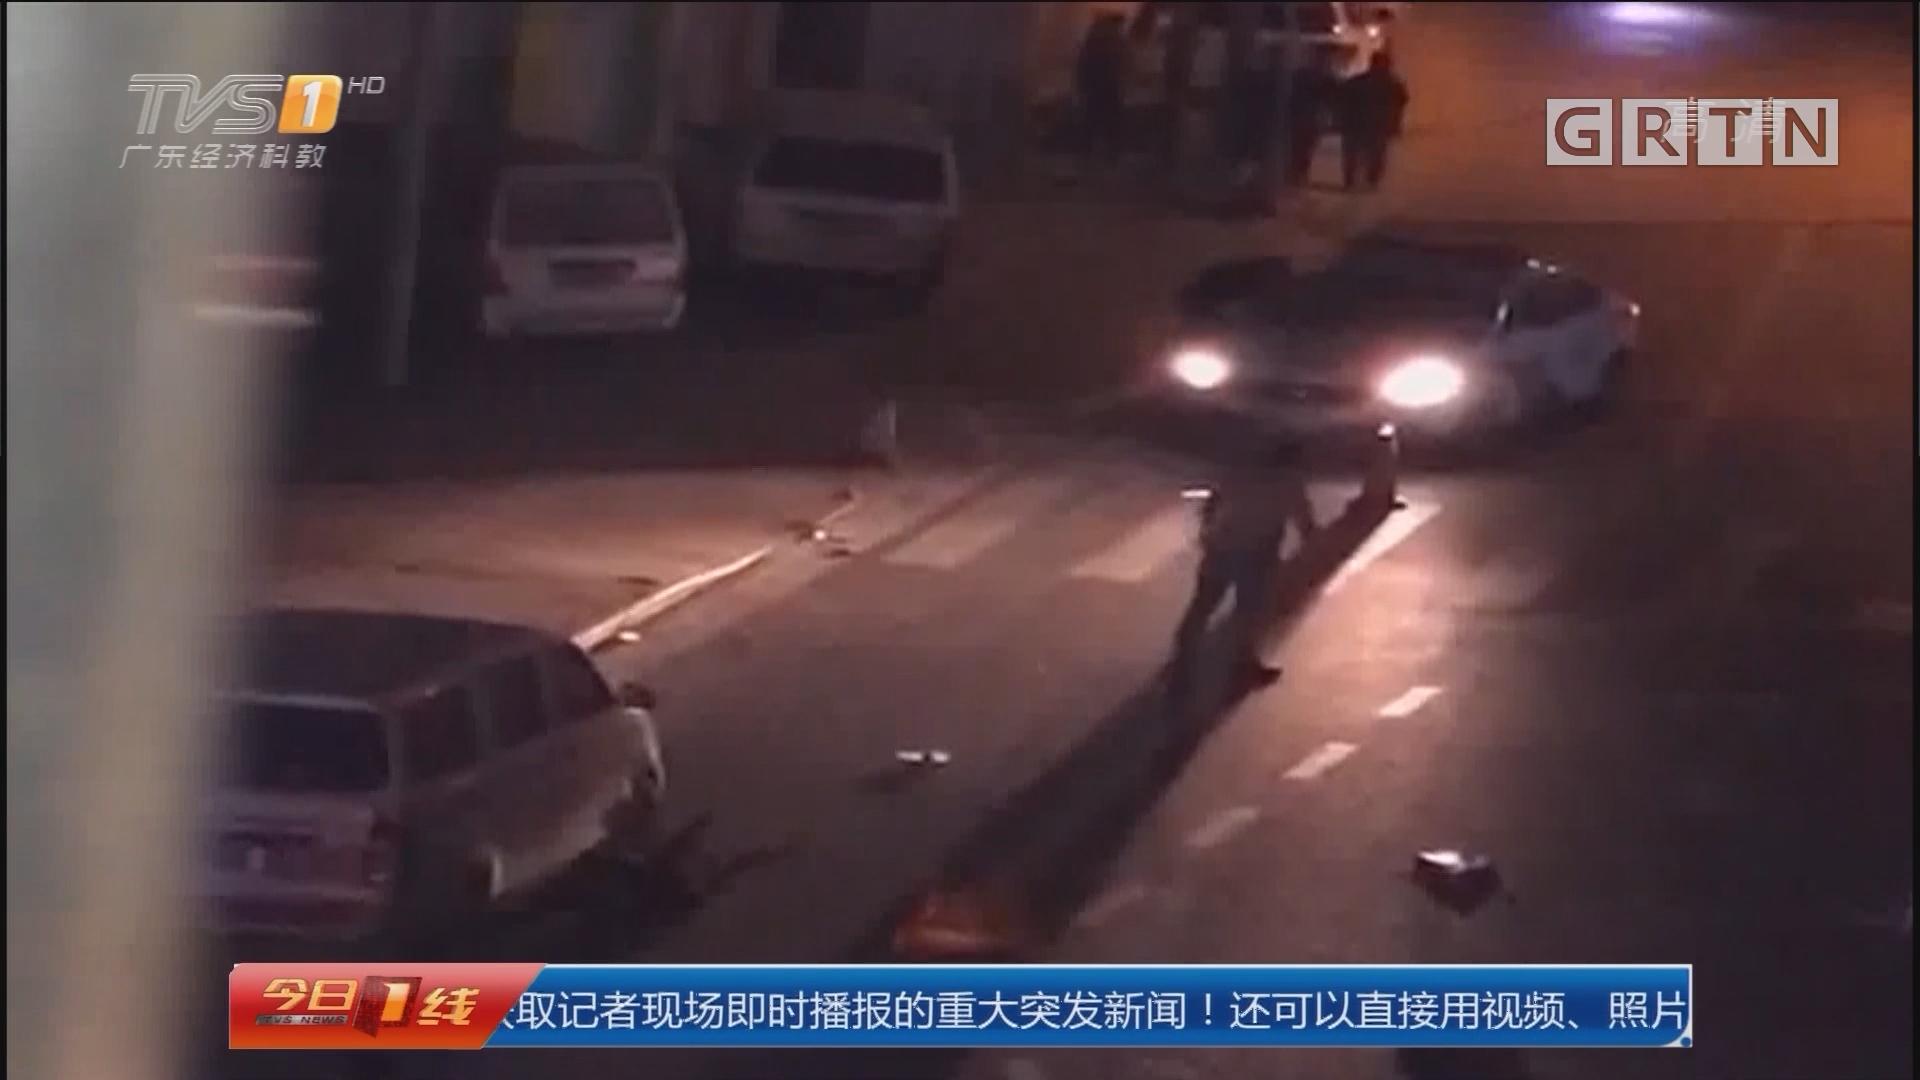 广州番禺:拆招牌 砸轿车 皆因醉酒误事?